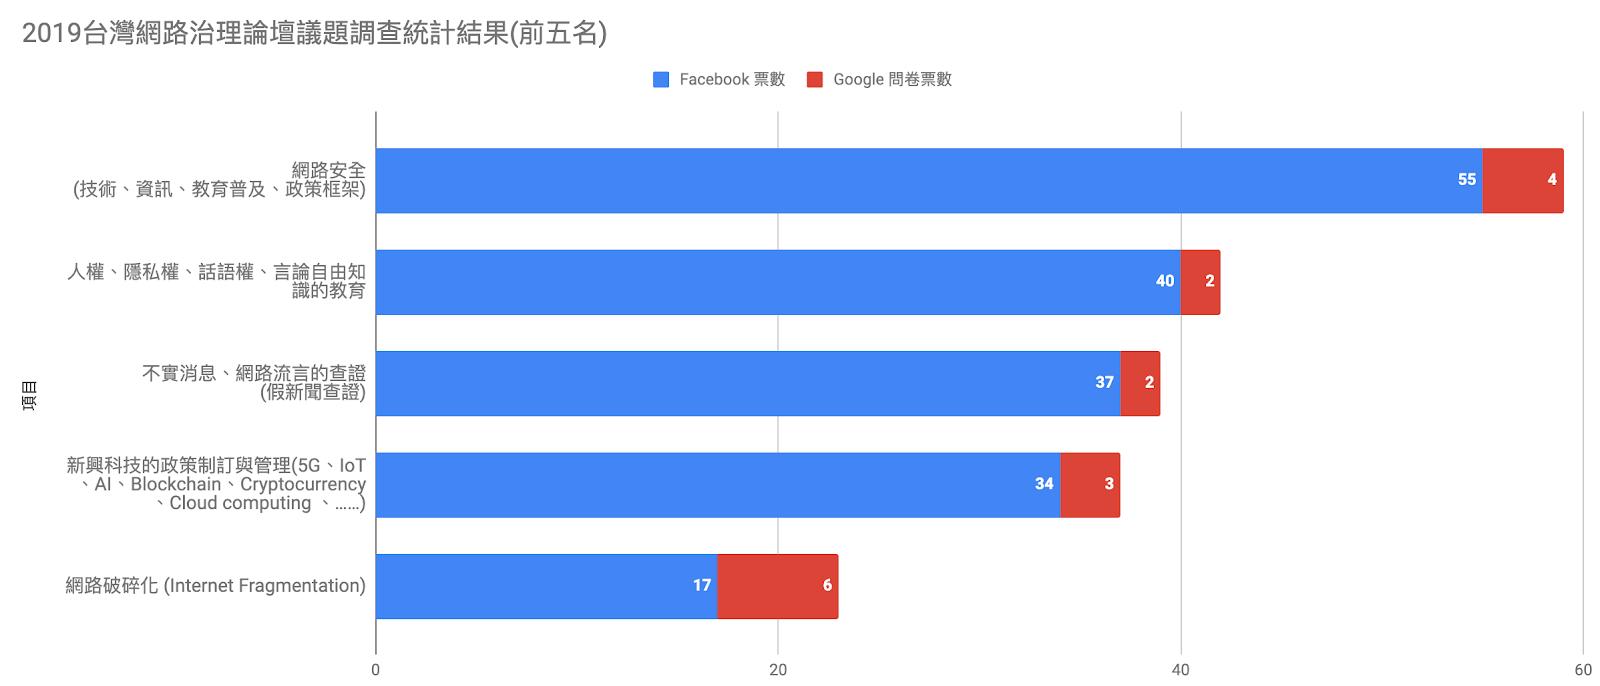 2019台灣網路治理論壇議題調查統計結果前五名